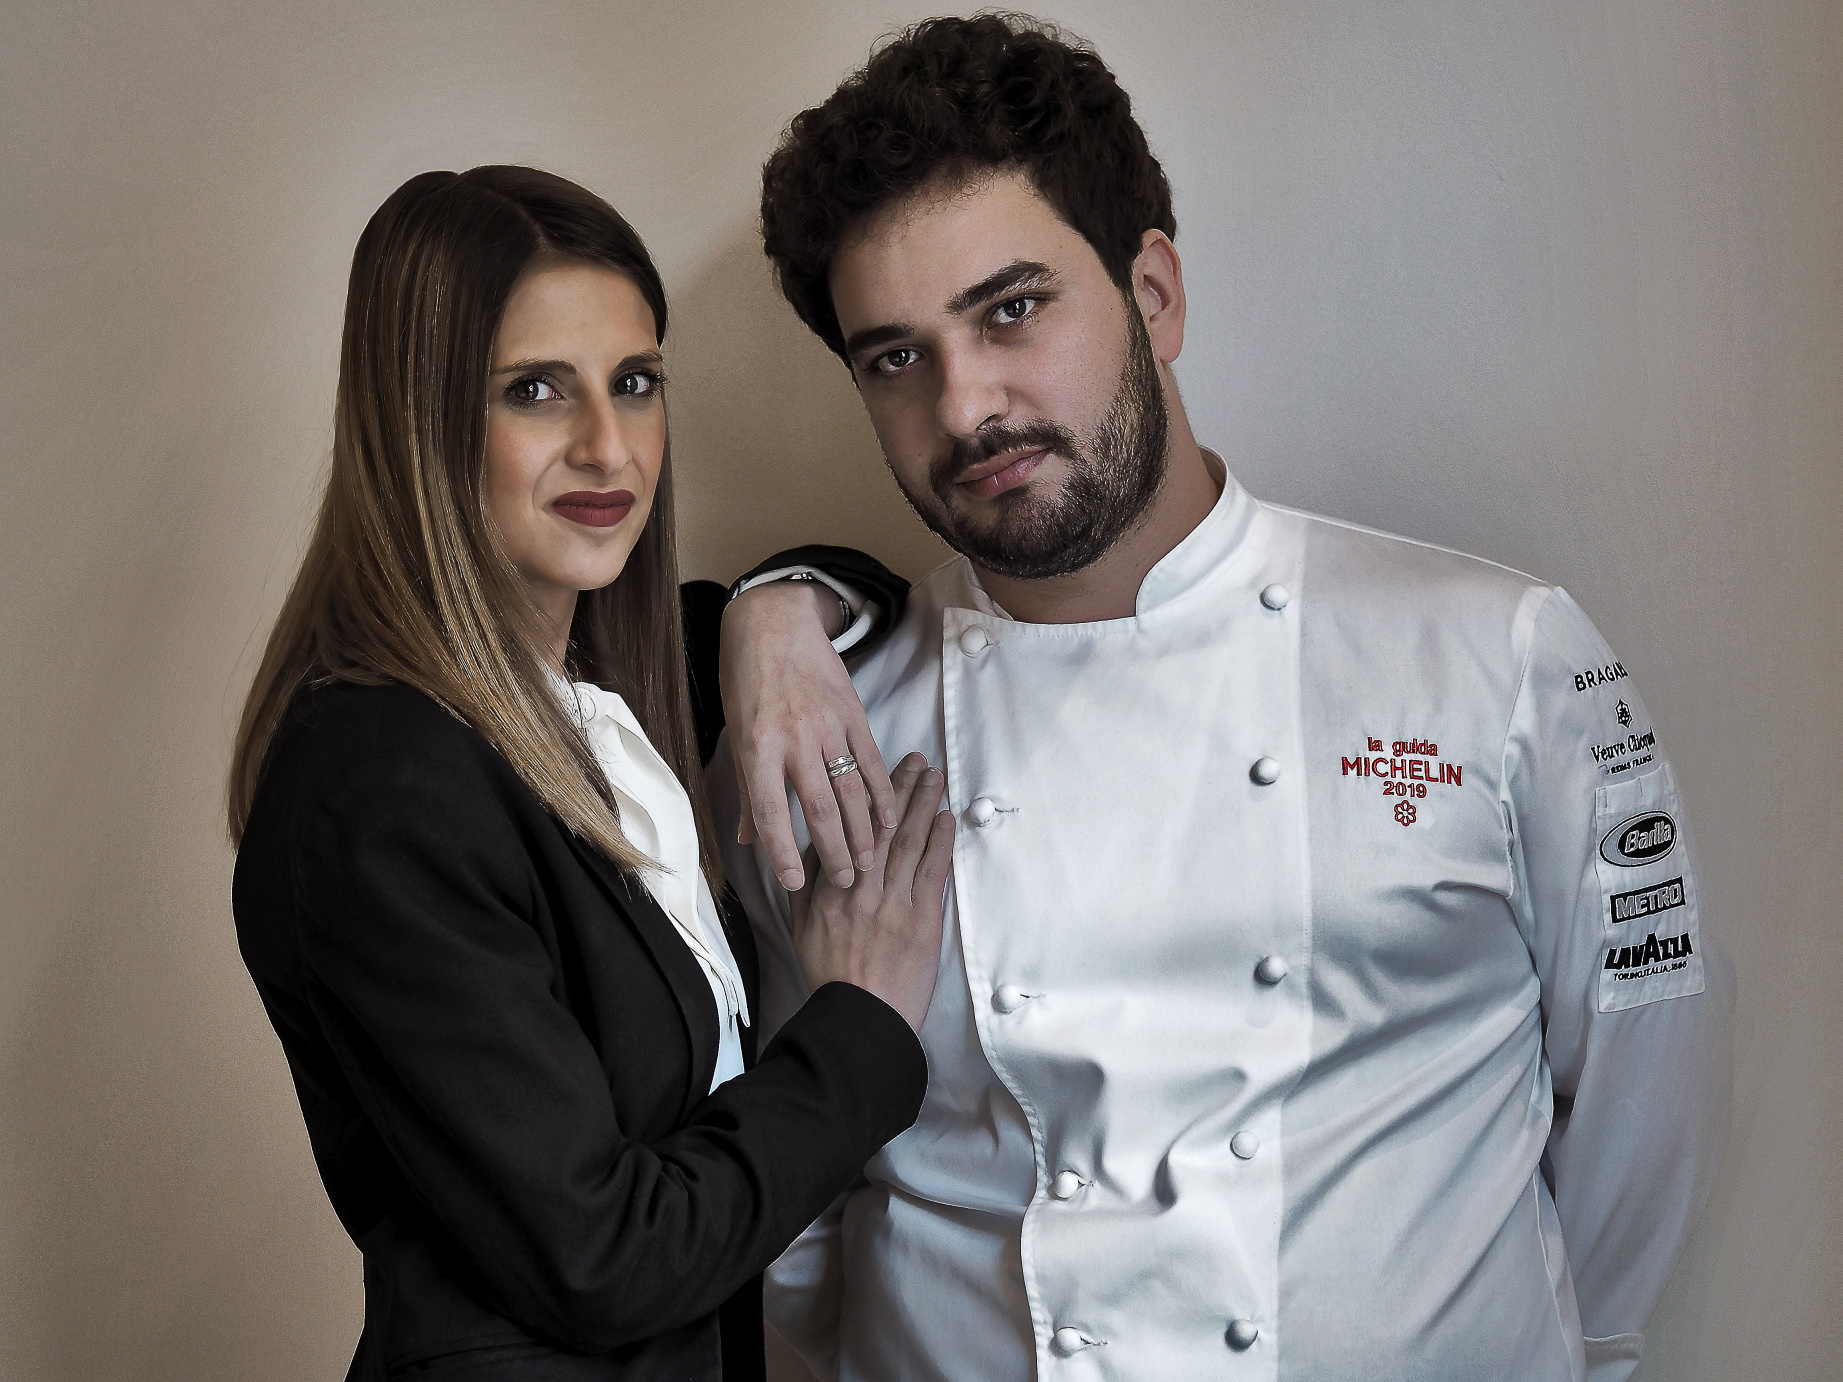 Roberta Cozzetto di Sapio Restaurant di Catania tra i migliori quindici maître under 30